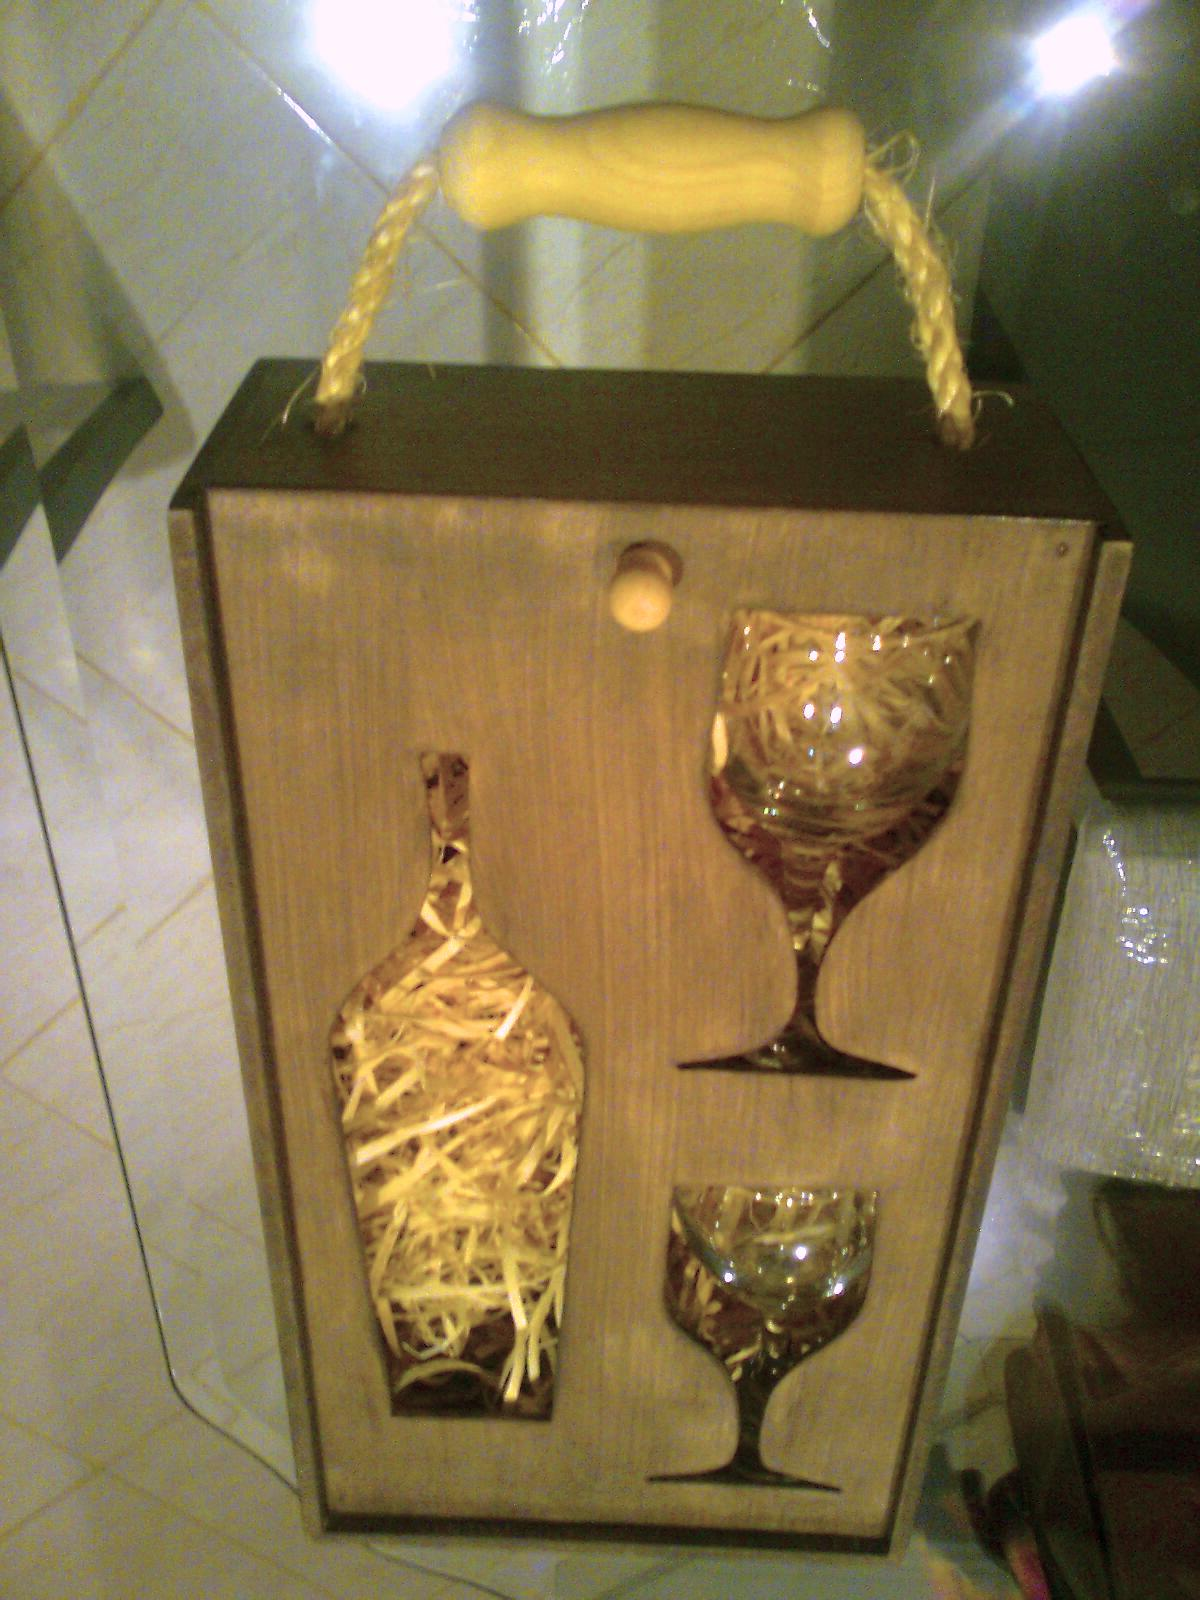 Van'Art Artesanato em Madeira: CAIXA PORTA VINHO em MDF c/ 2 Taças  #A58326 1200x1600